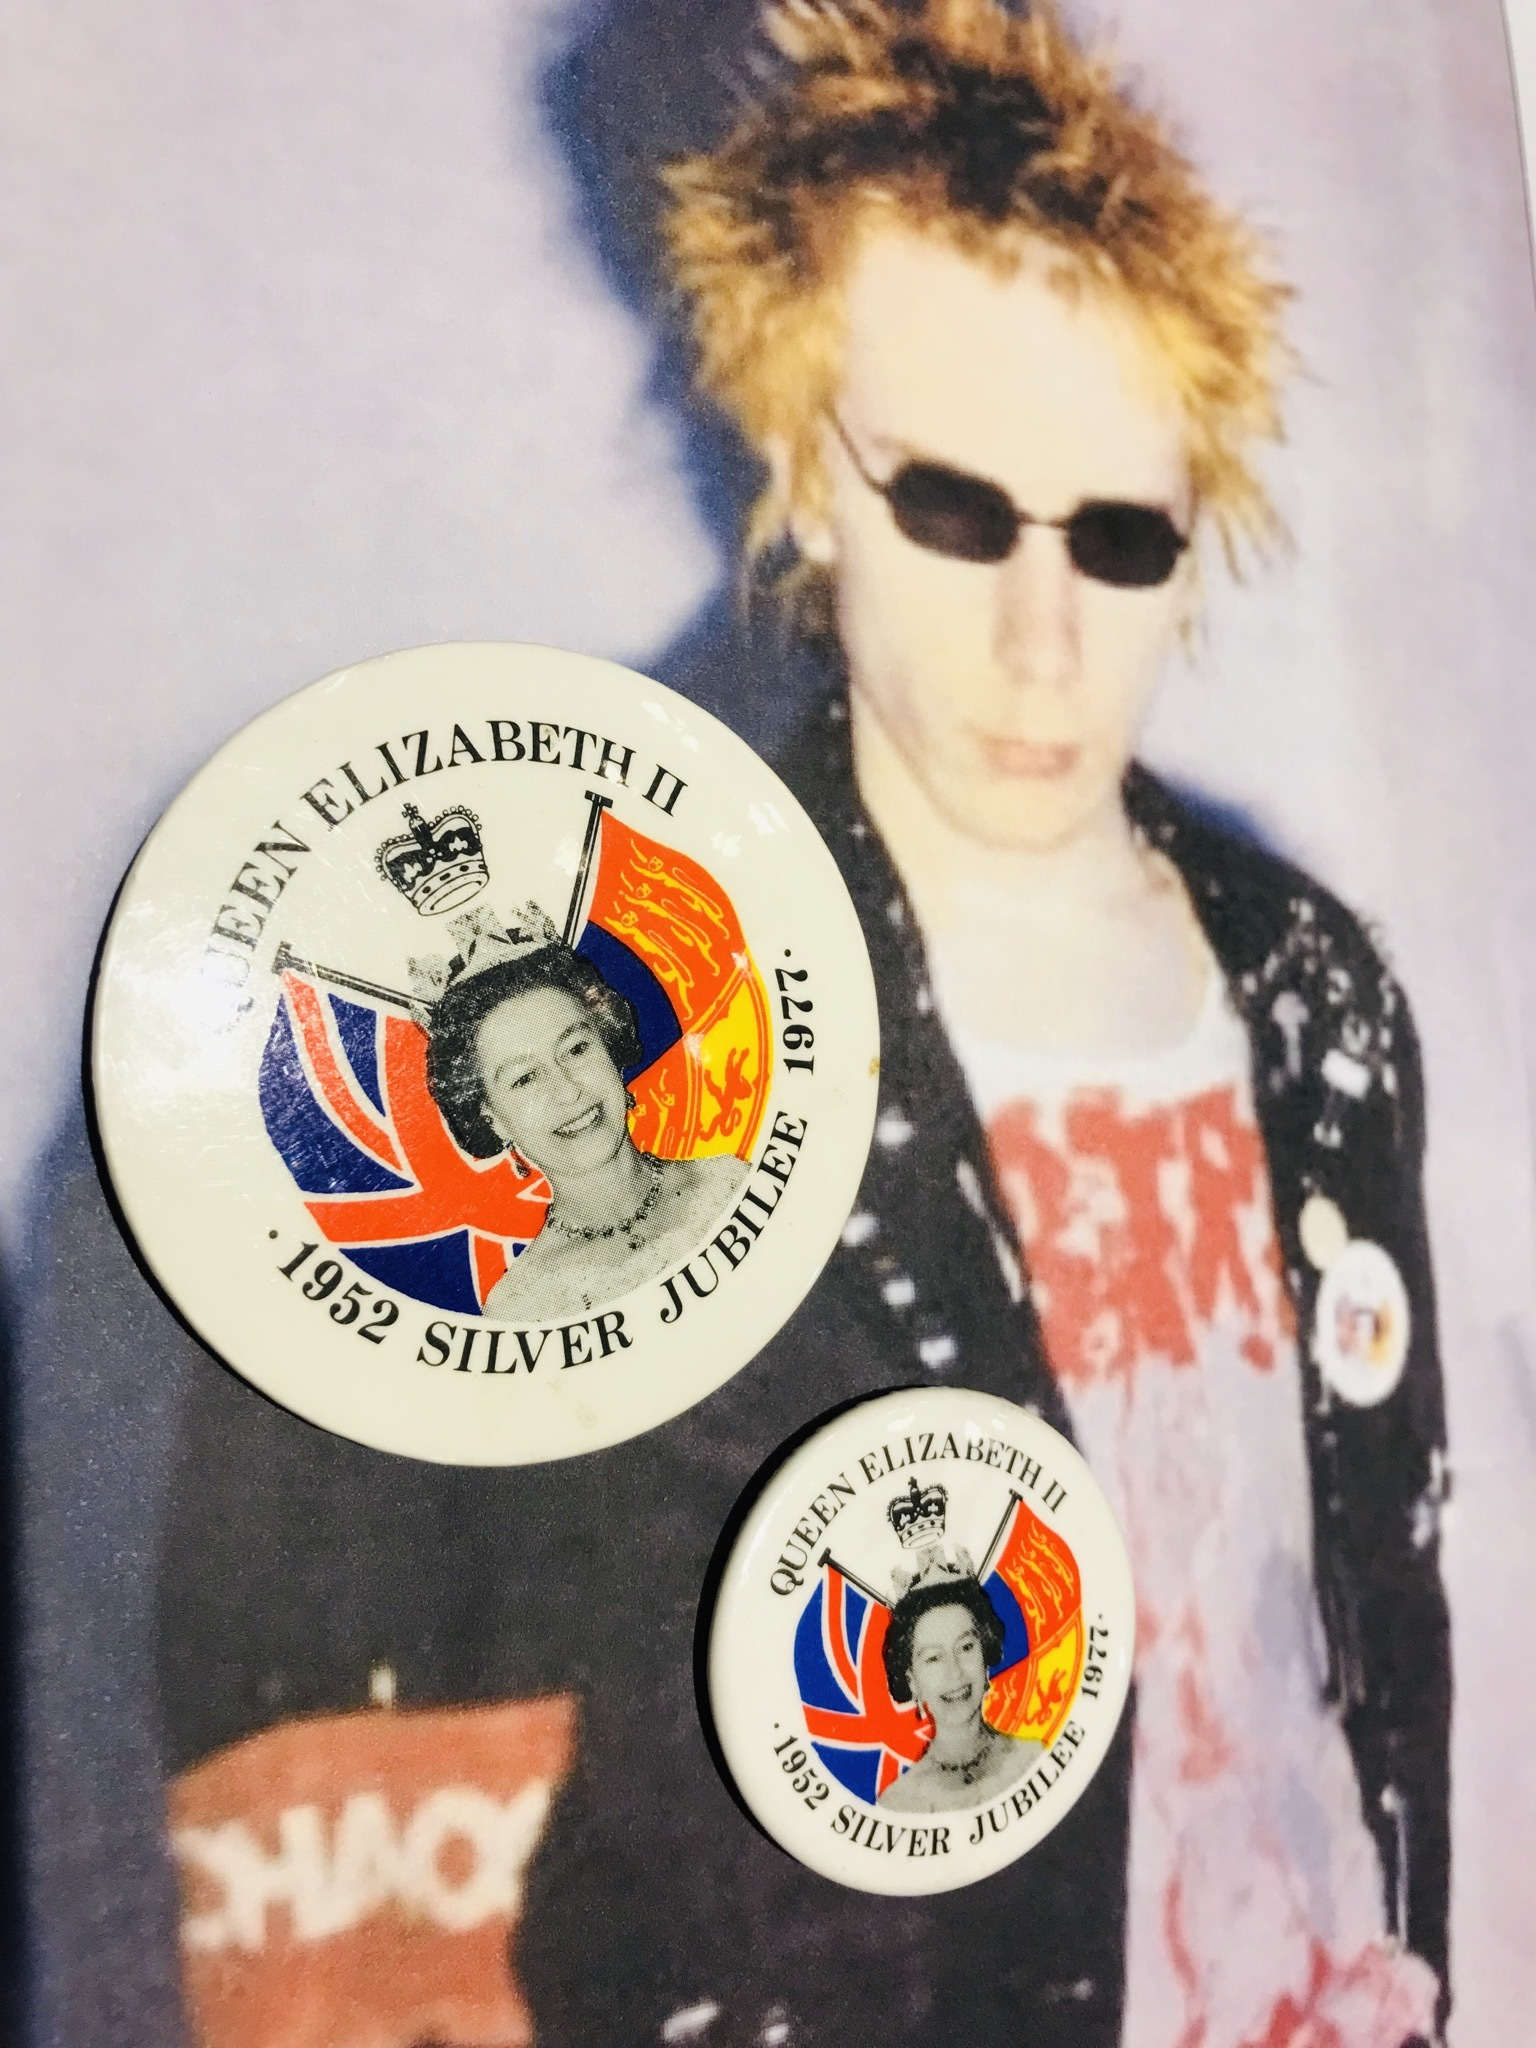 Silver Jubilee 1977 Badge 3.6cm